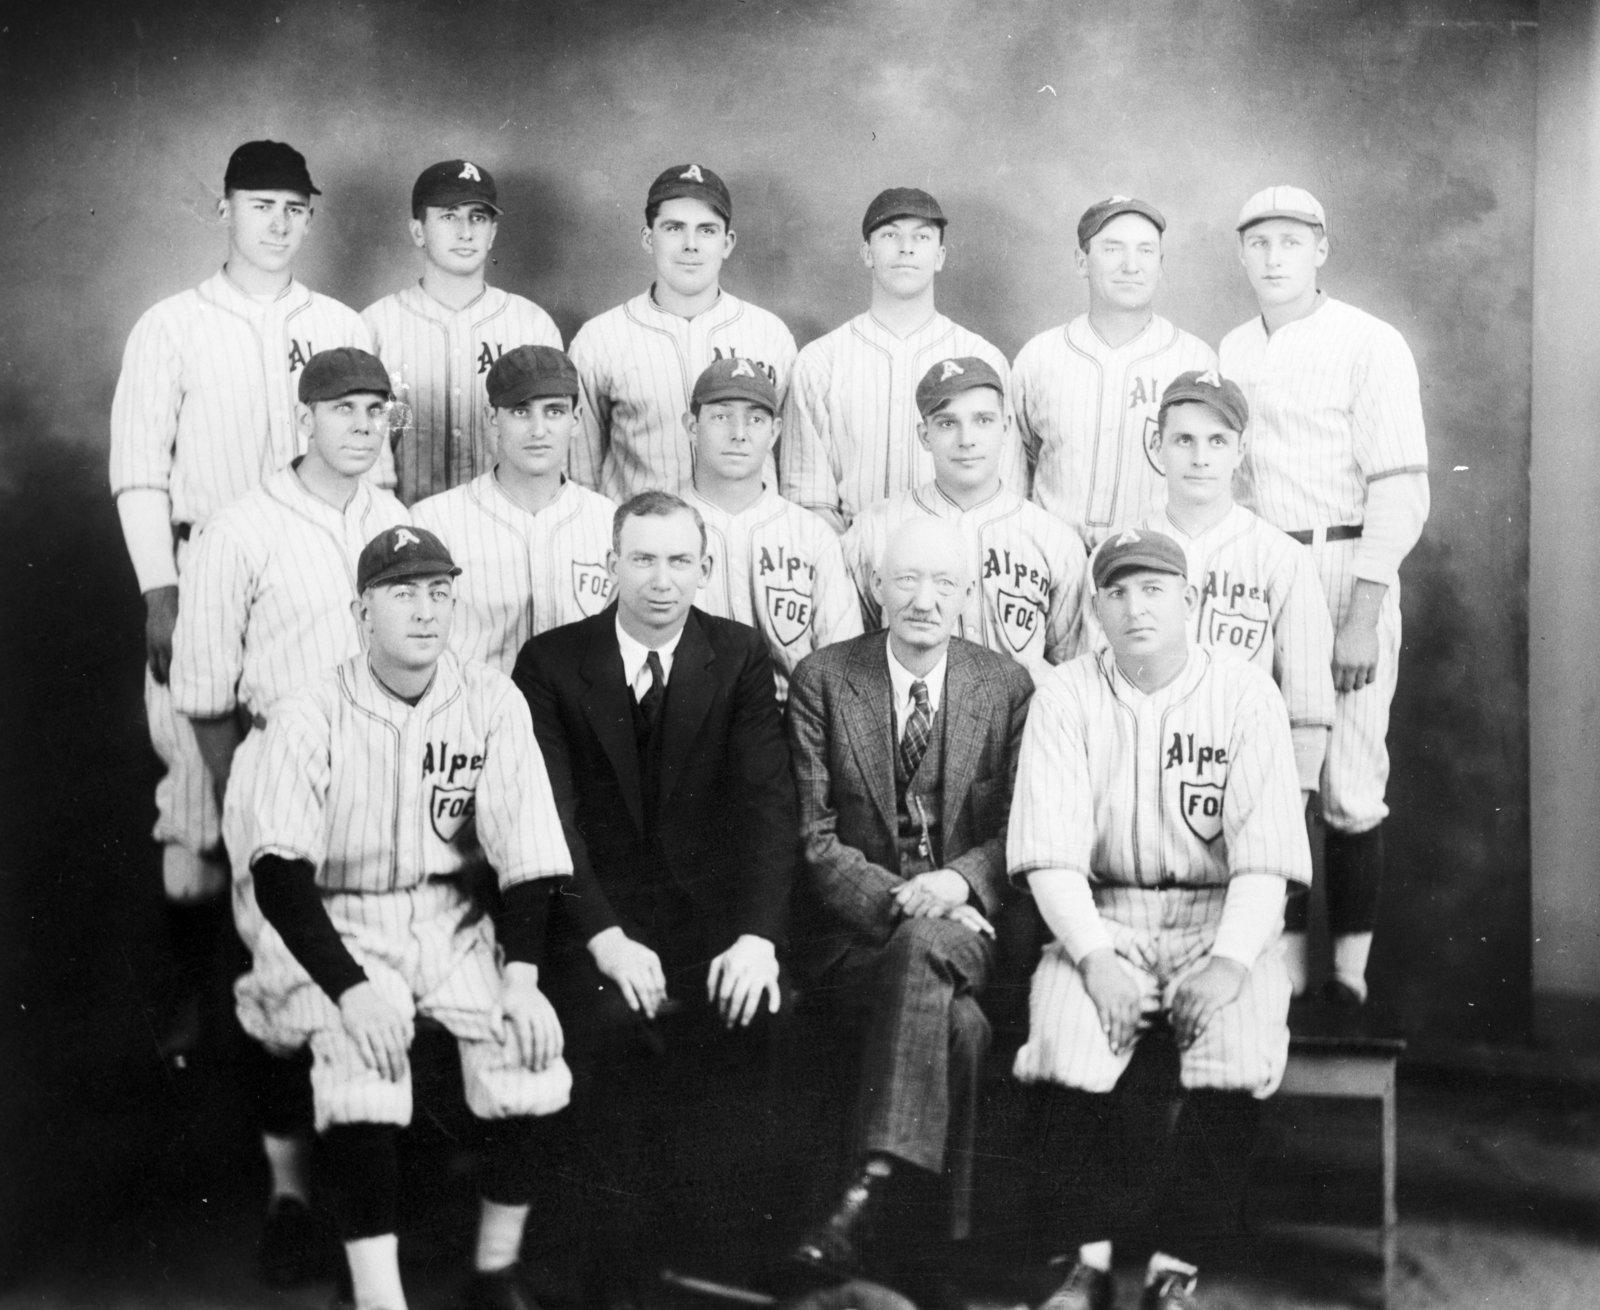 Alpena F.O.E. Baseball Team